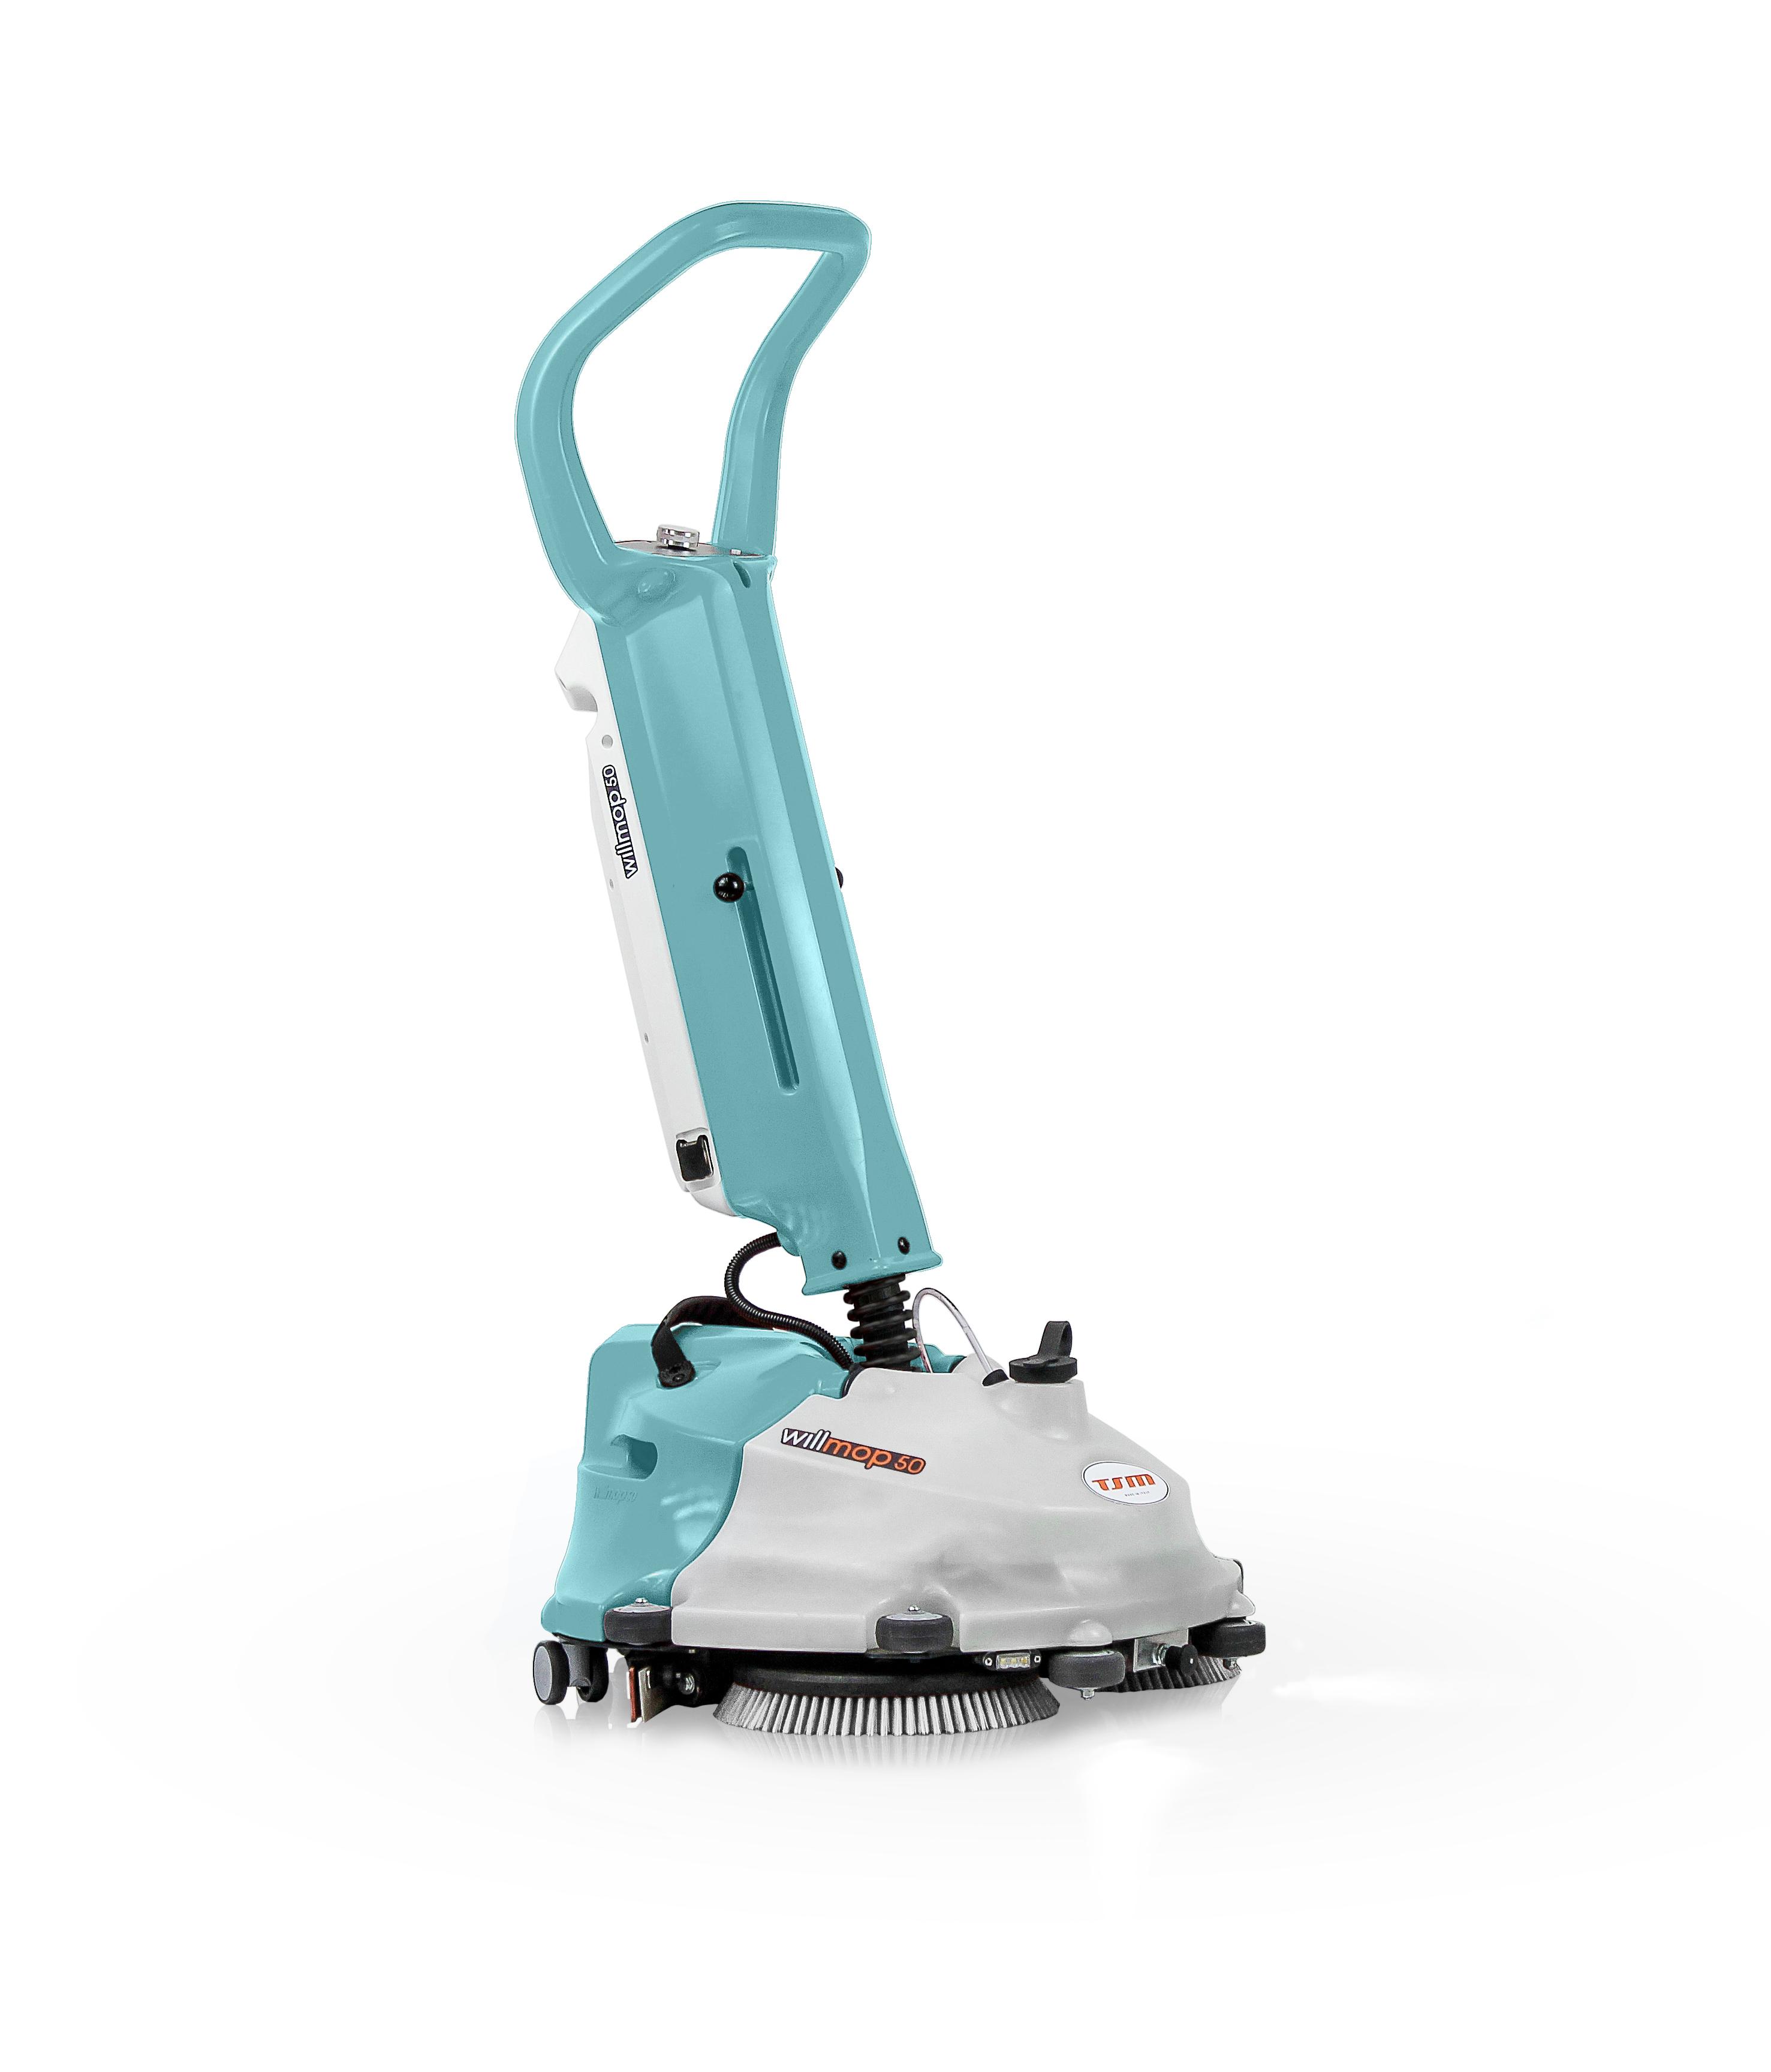 maszyna do sprzątania wszedzie